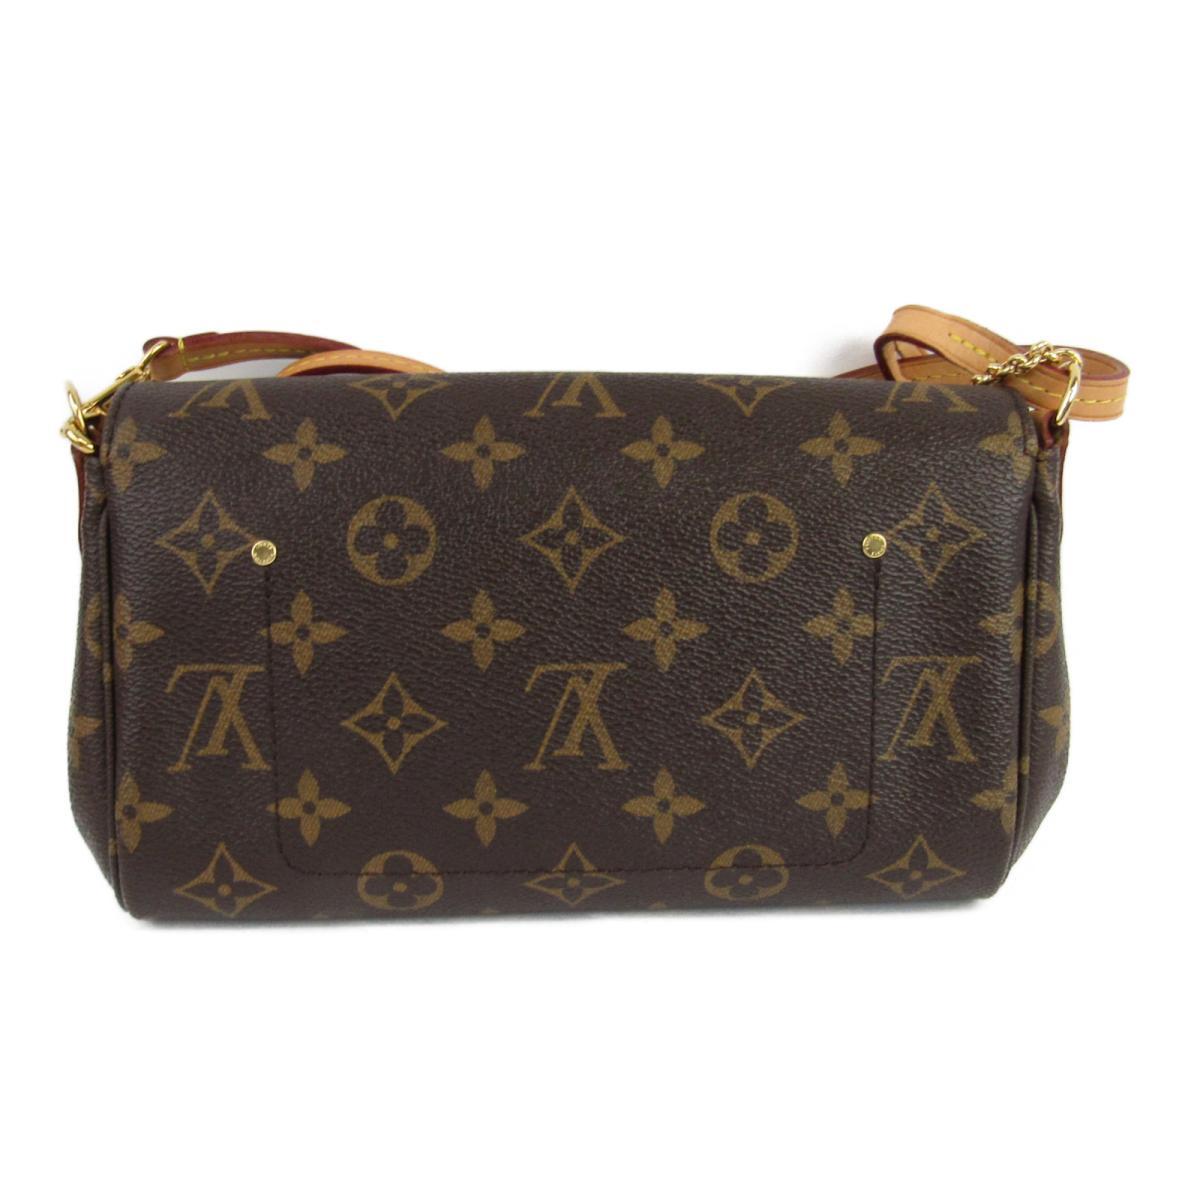 d2d35f58a847 BRANDOFF  Auth LOUIS VUITTON Favorite PM 2way Hand Shoulder Bag Monogram  Canvas M40717